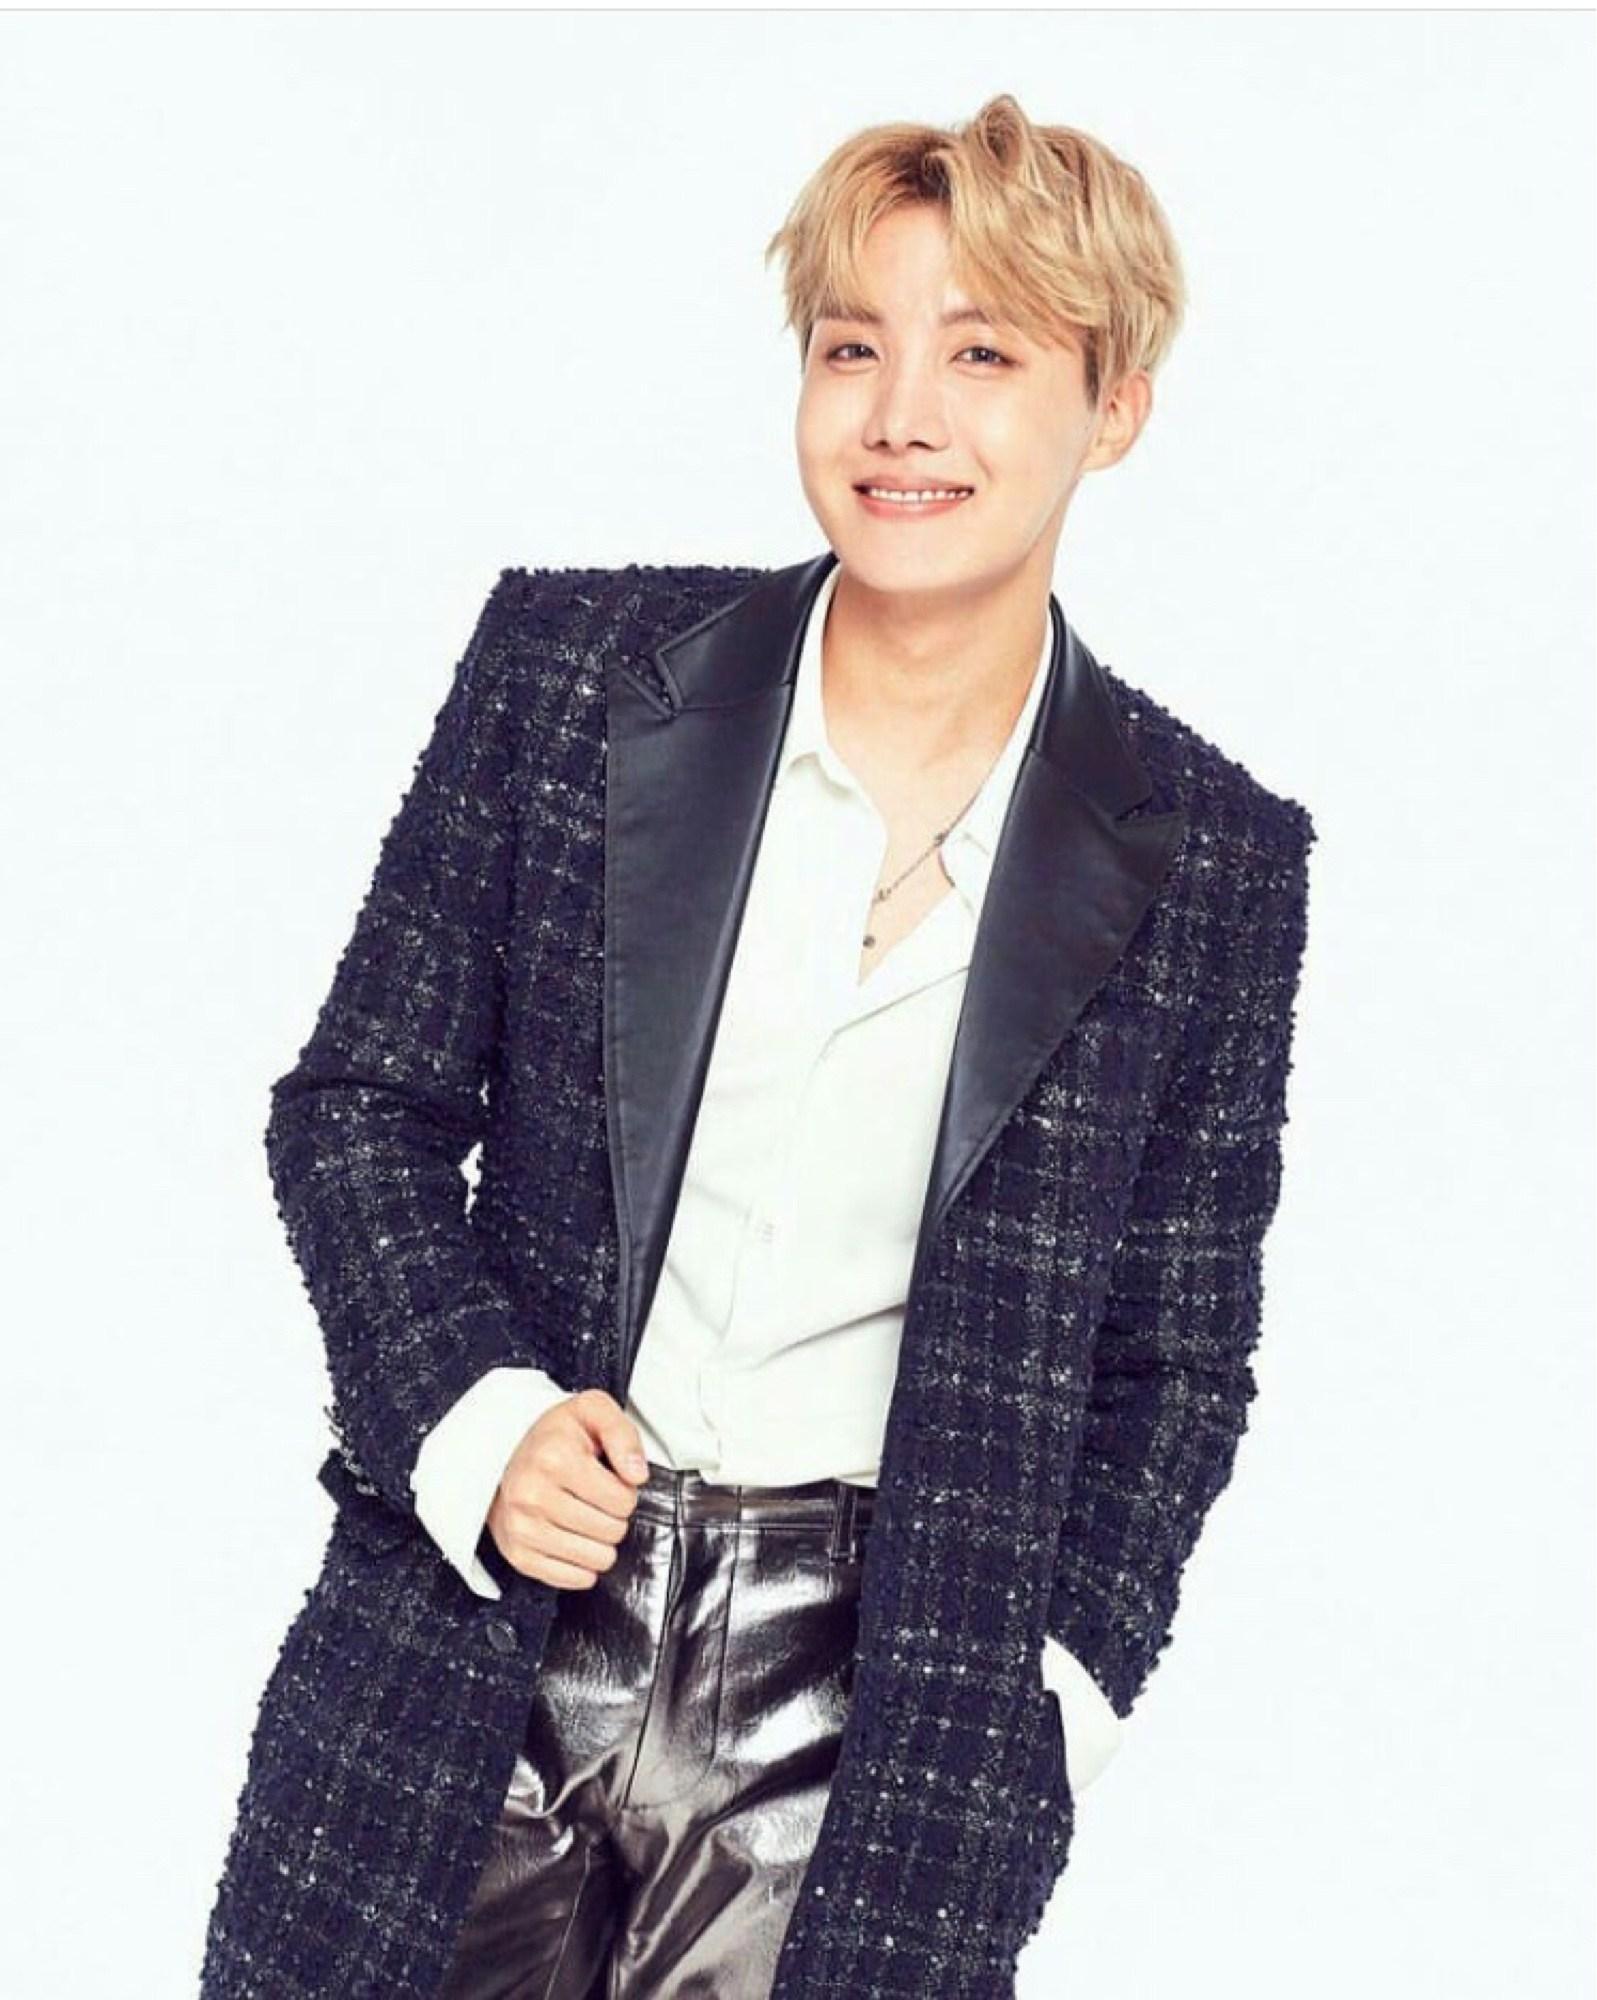 jung_hoseok24's Cover Photo